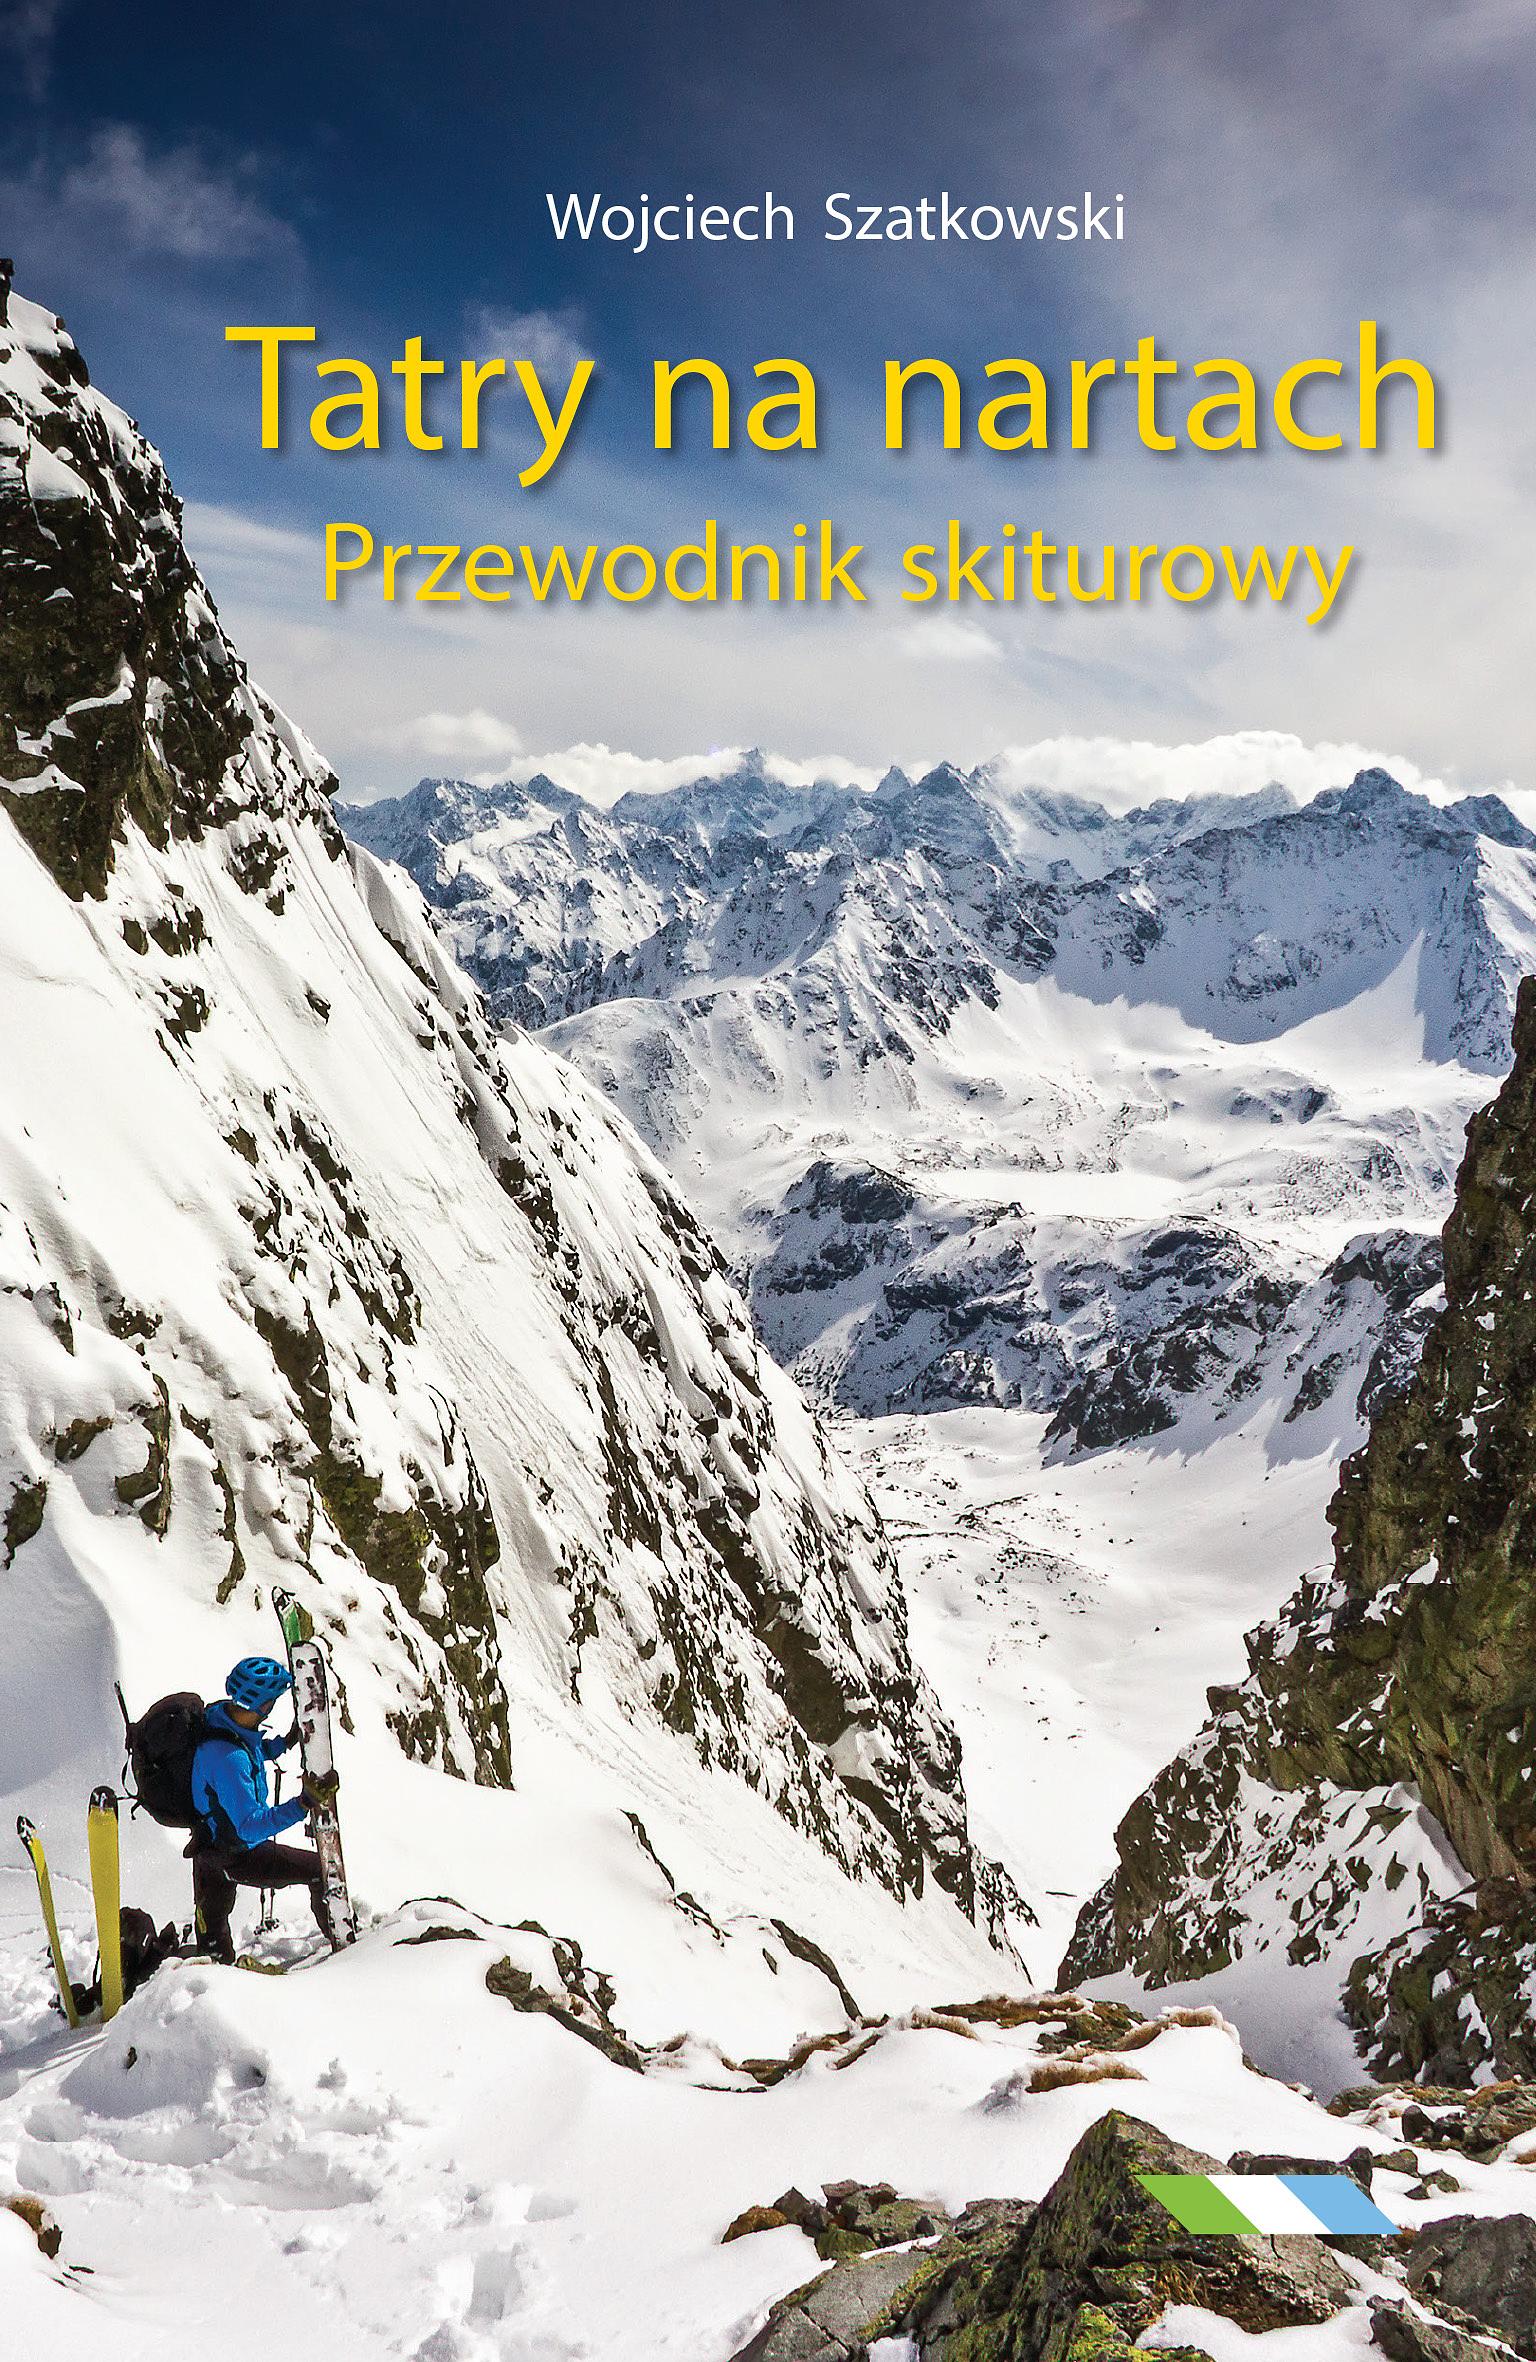 Tatry na nartach. Poradnik skiturowy